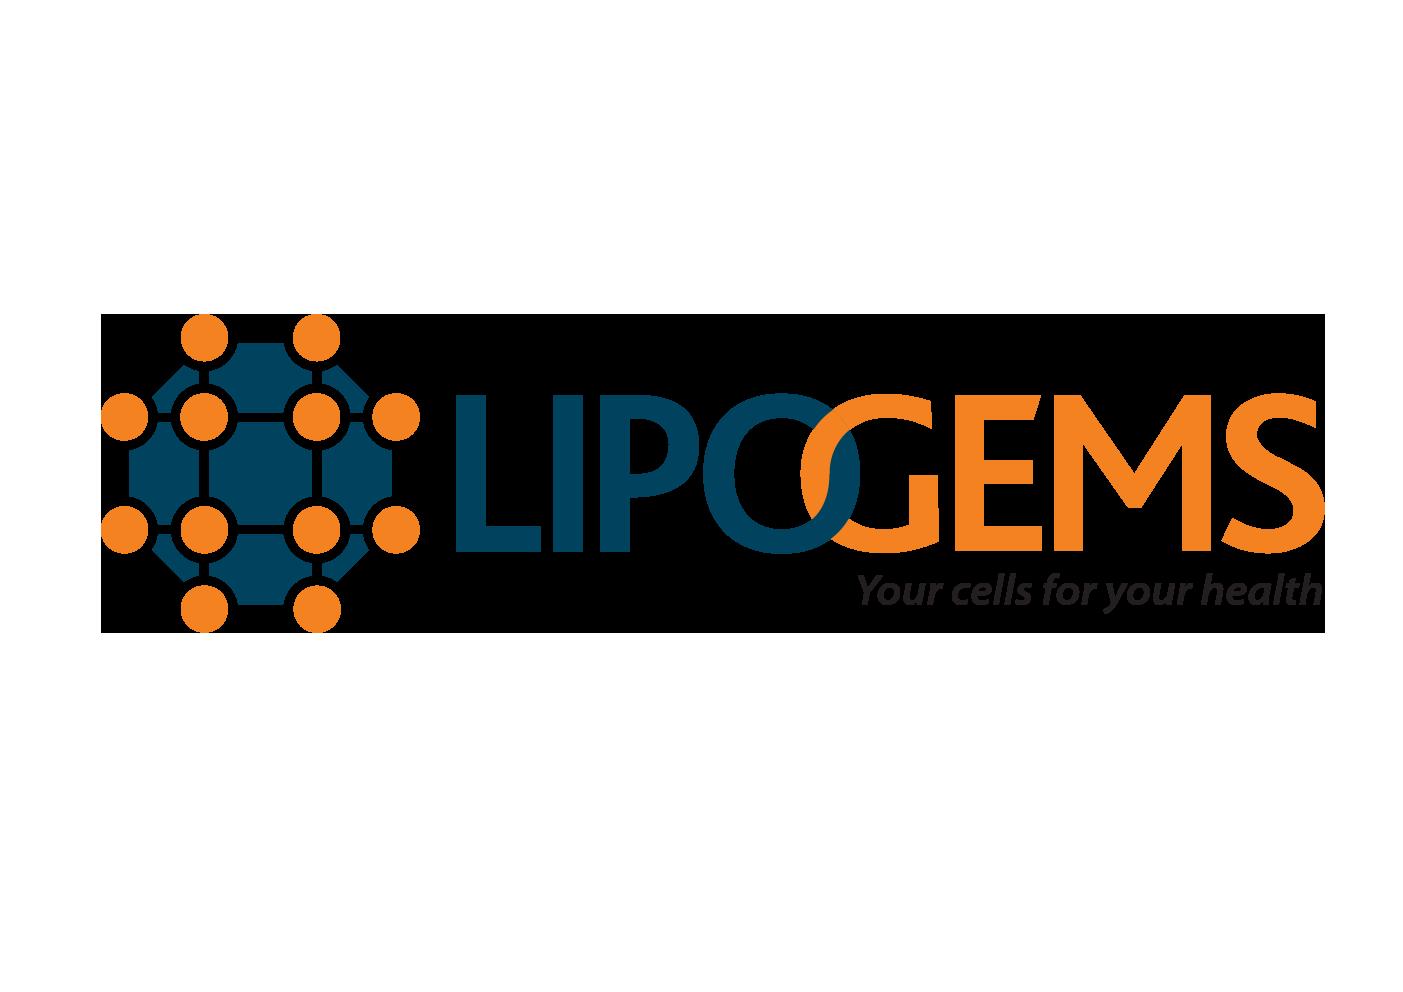 LIPOGEMS_logo